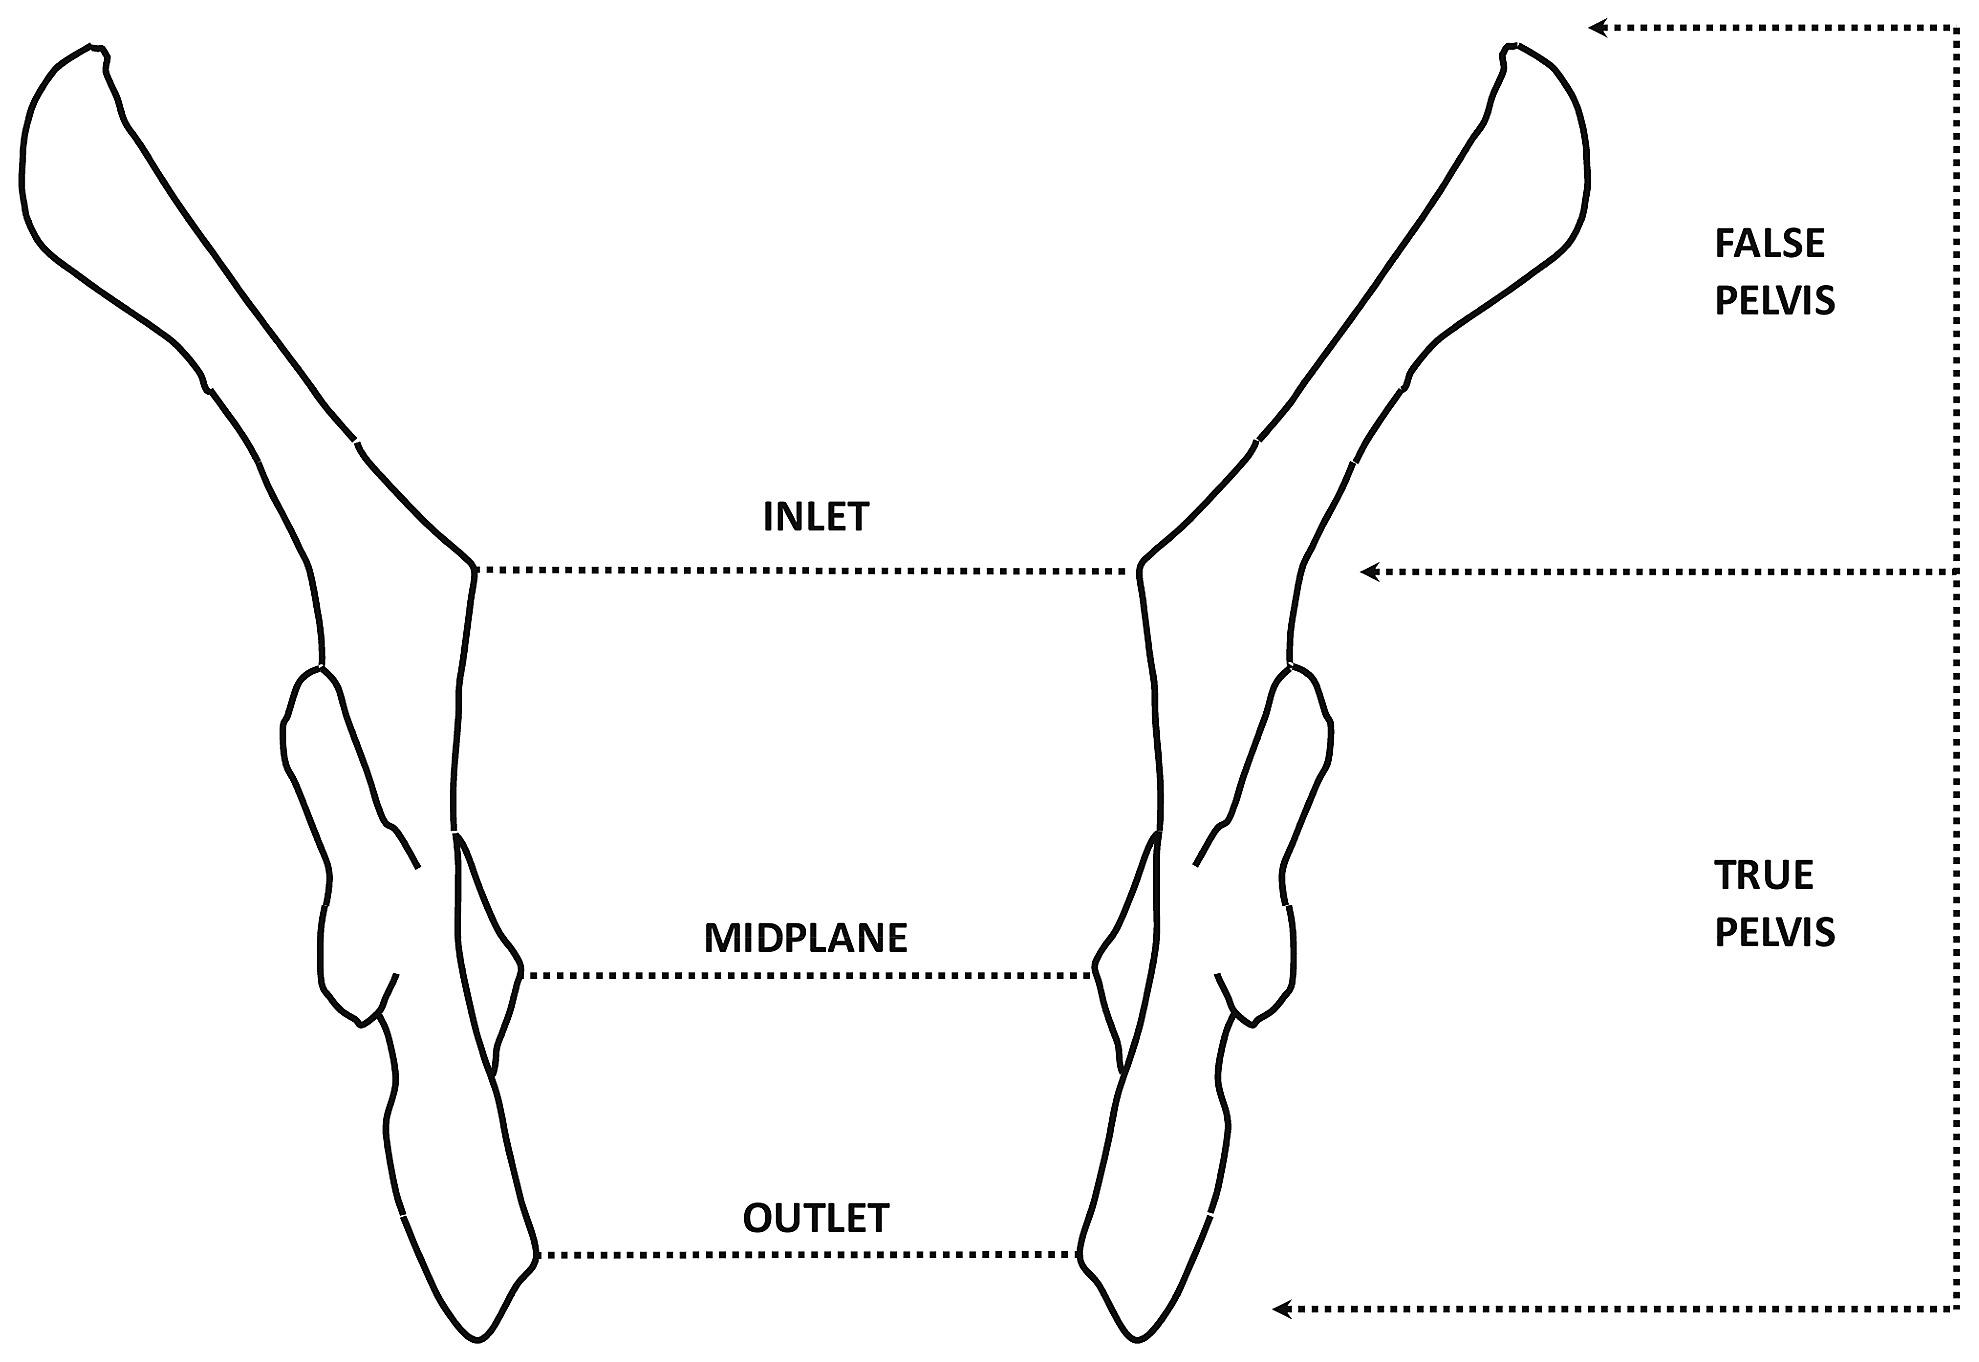 Diagram of the true and false pelvis.